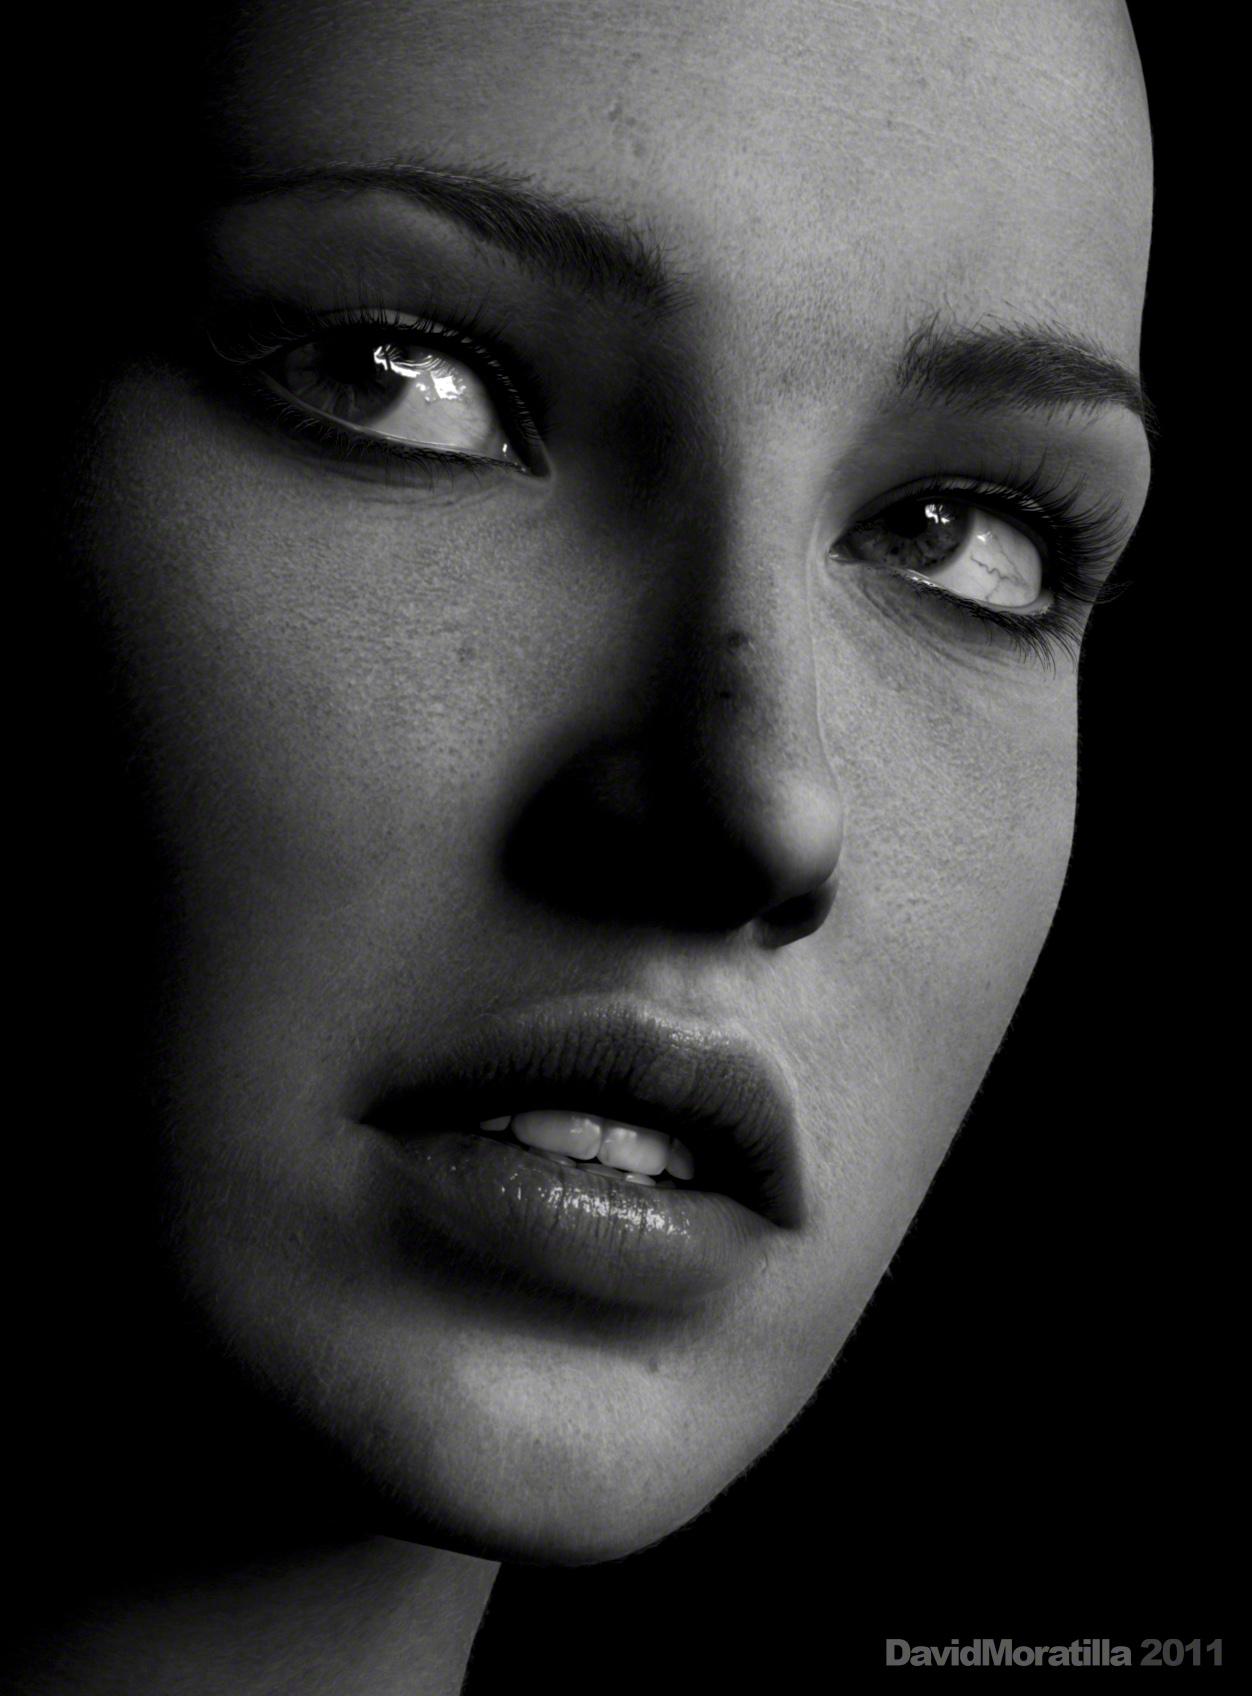 Closeup Portrait Of A: David Moratilla